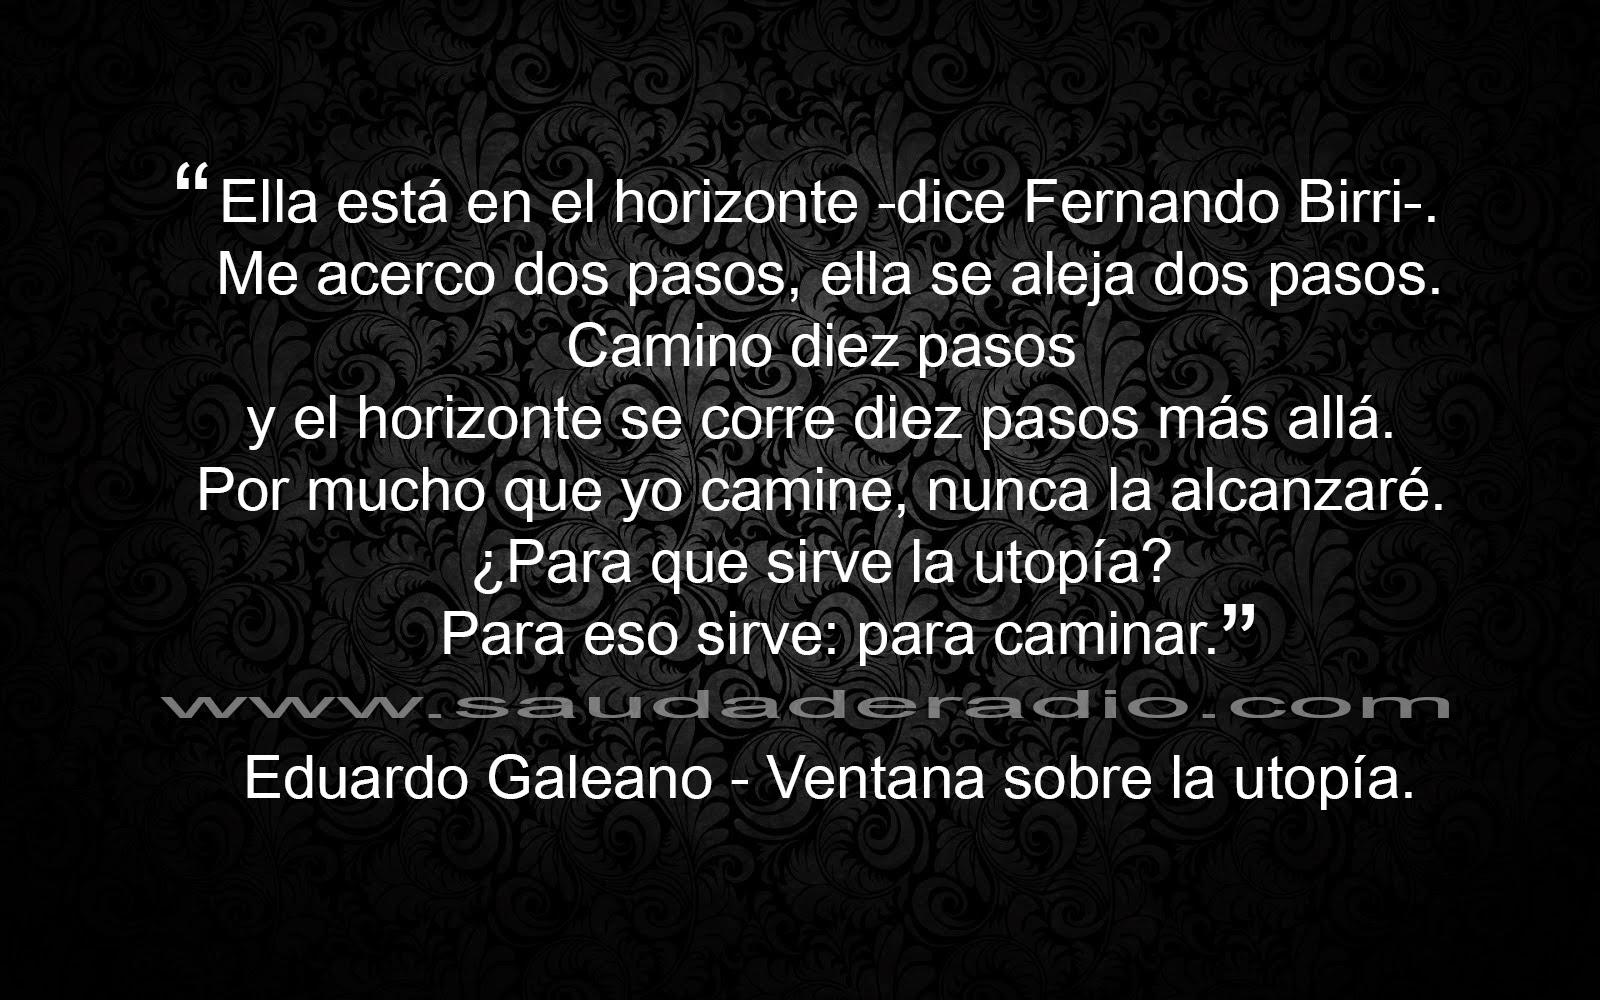 Don Quijote de las paradojas - Eduardo Galeano